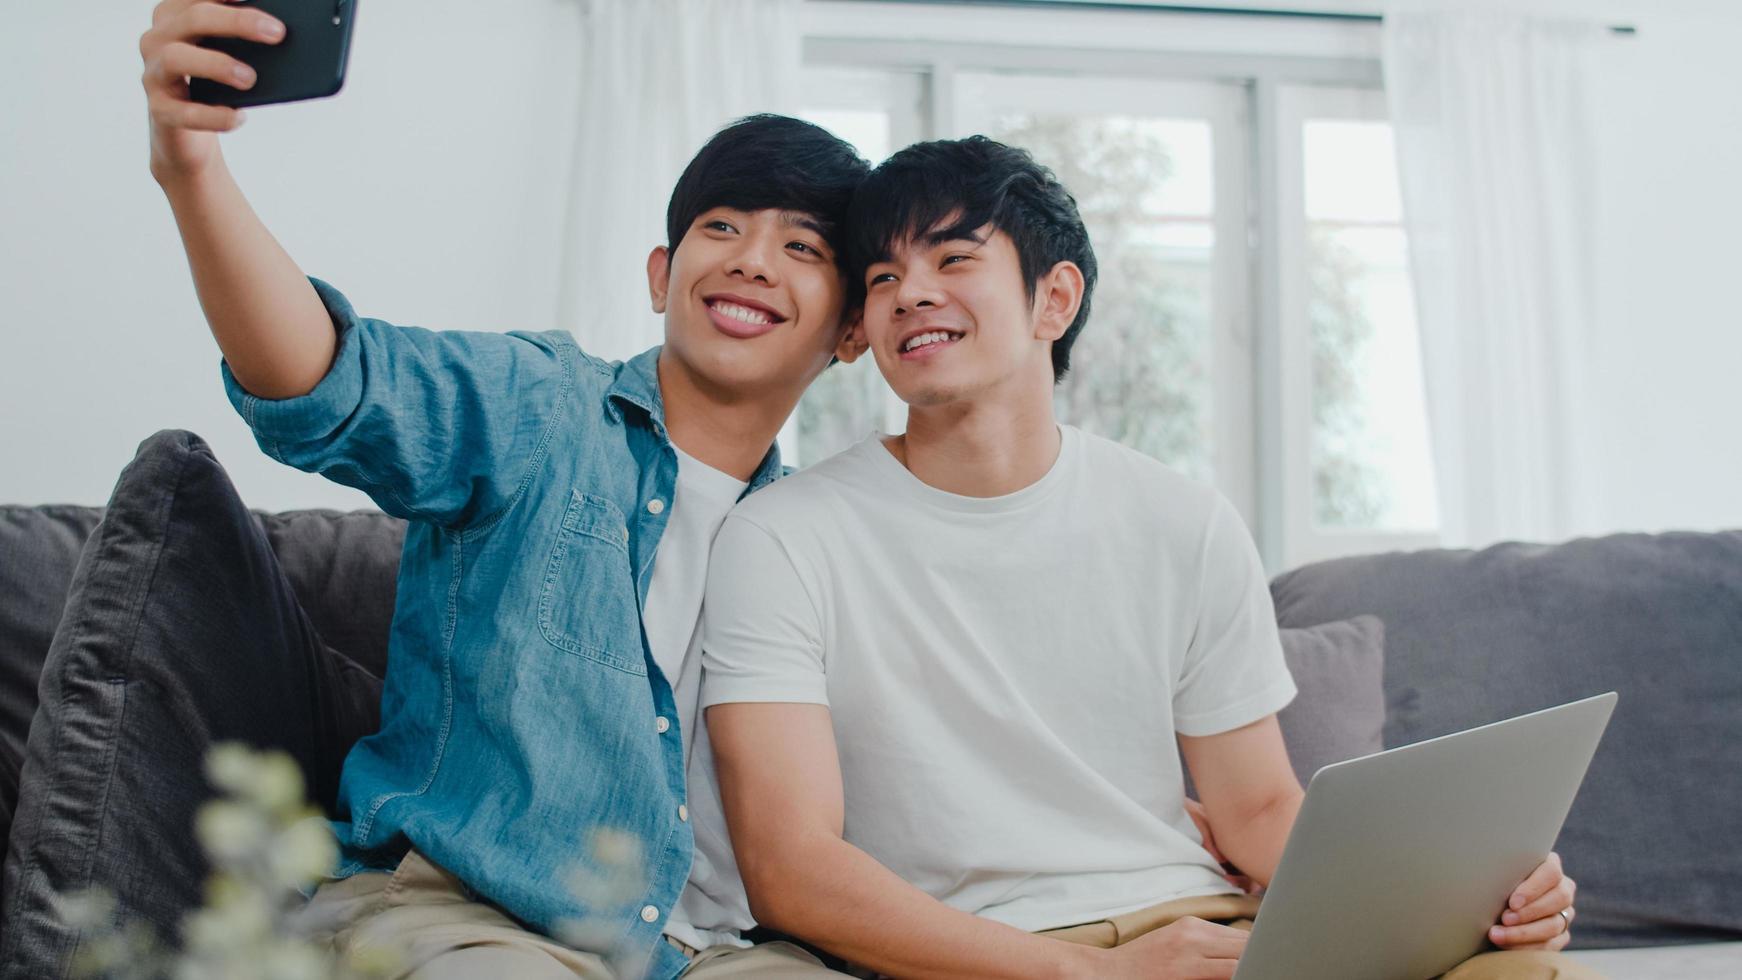 jeune couple gay prend un selfie à la maison. photo